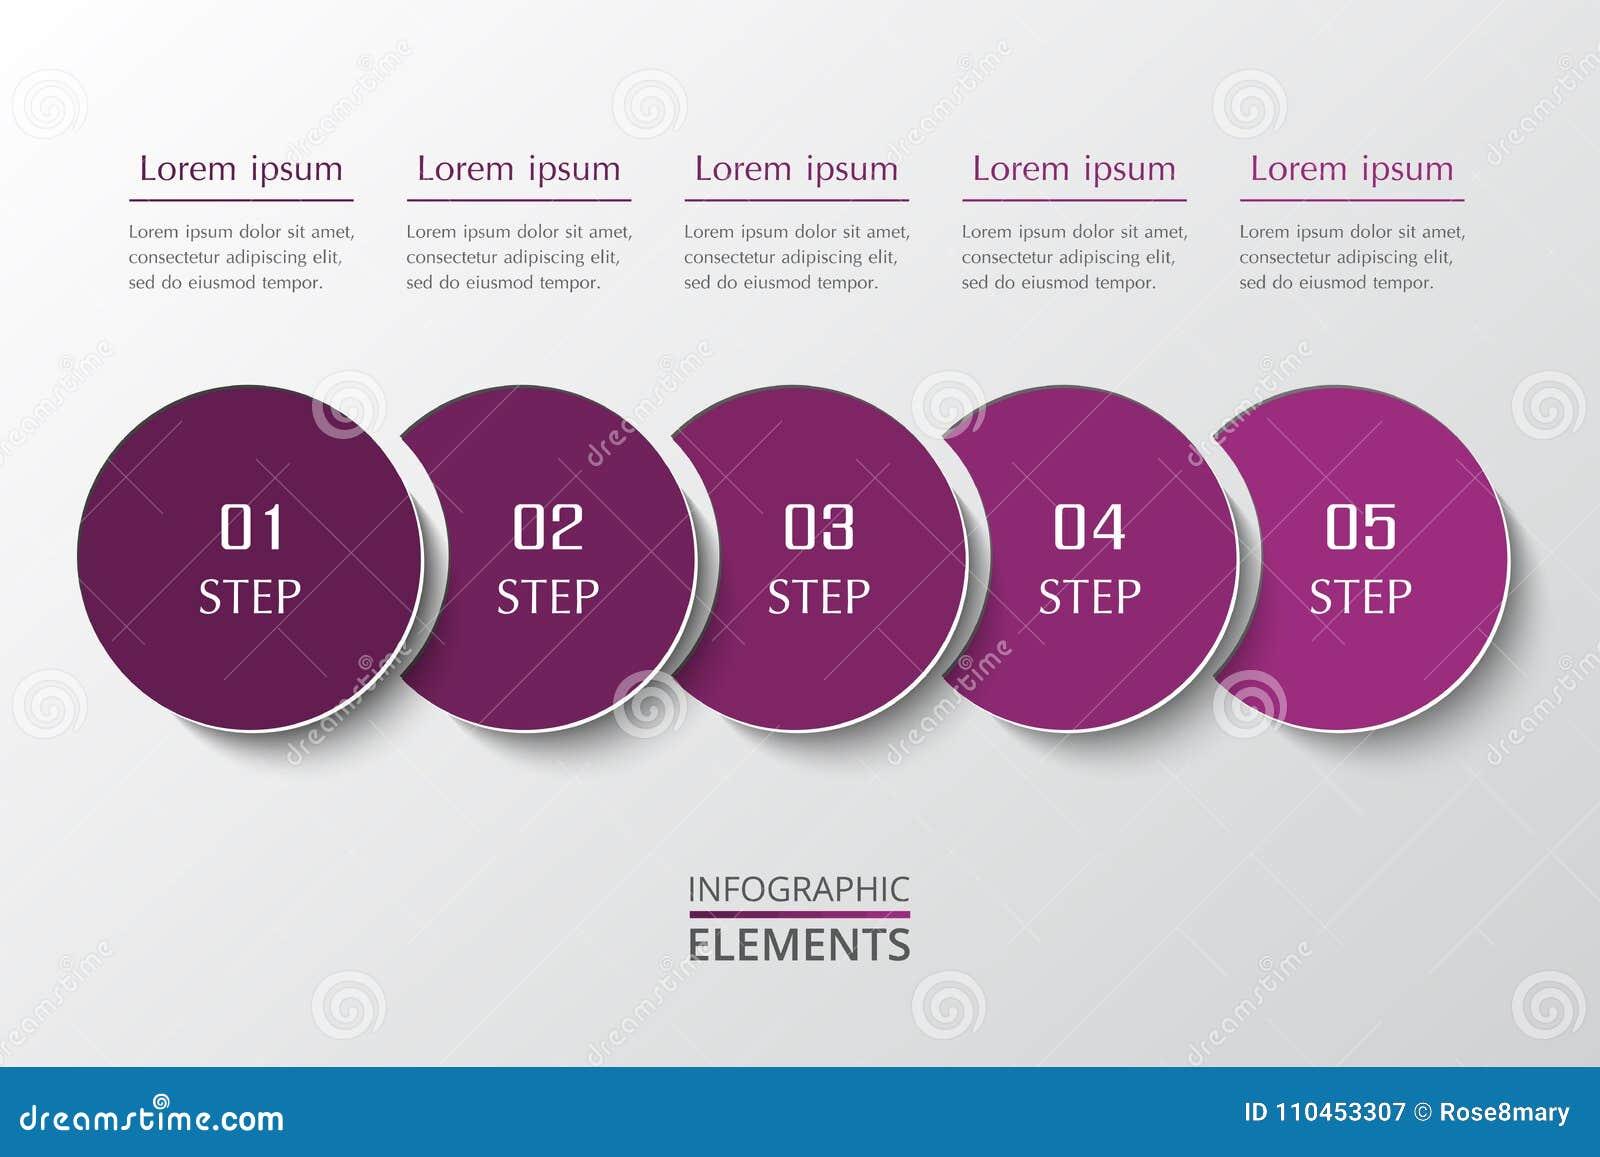 Steg-för-steg infographic